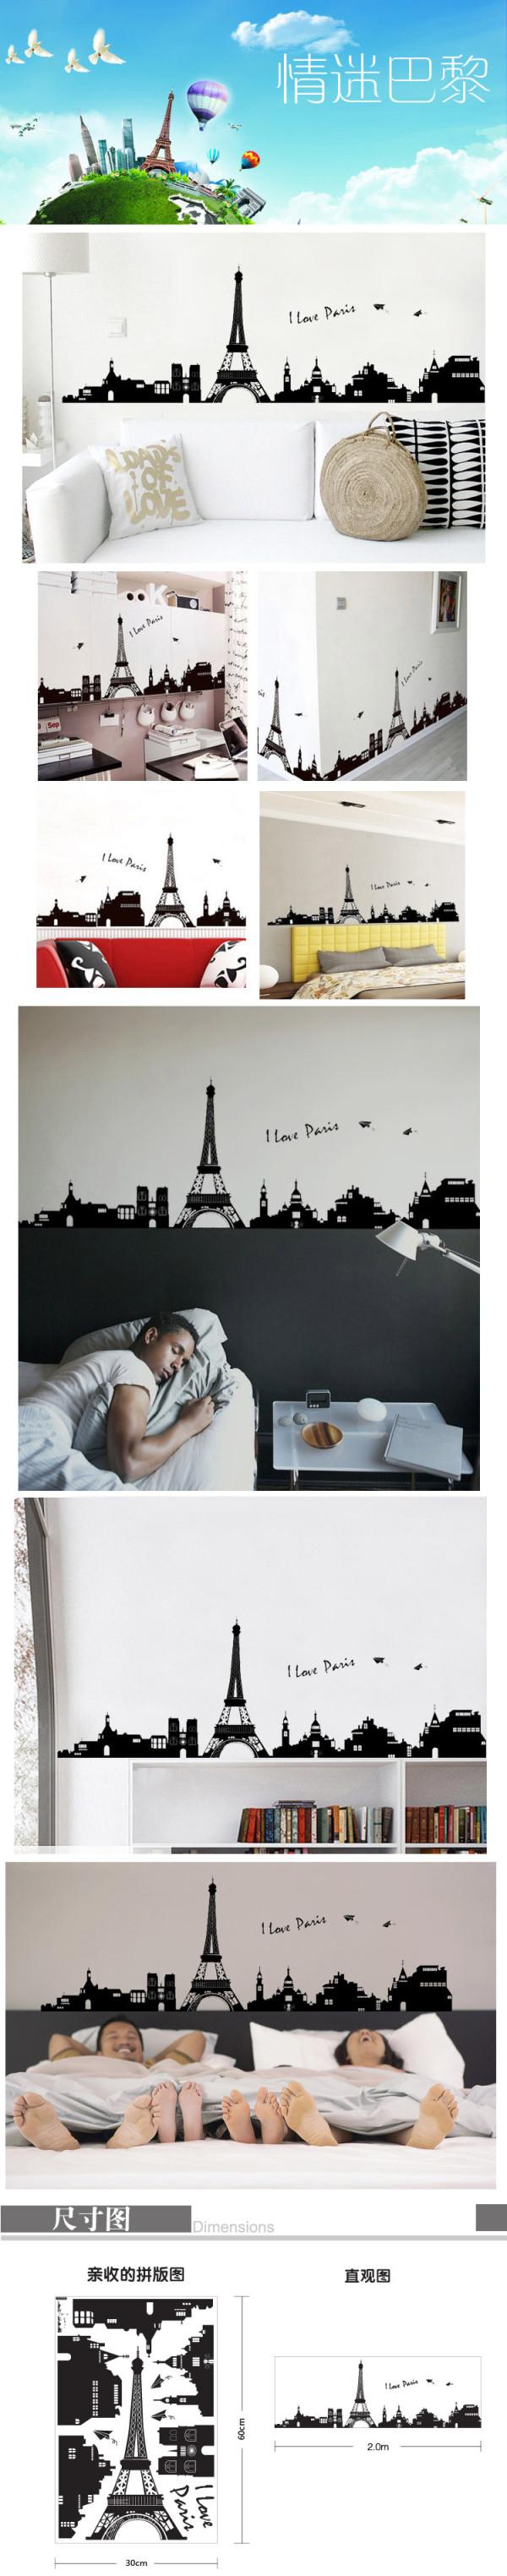 城市夜景 巴黎埃菲尔铁塔墙贴